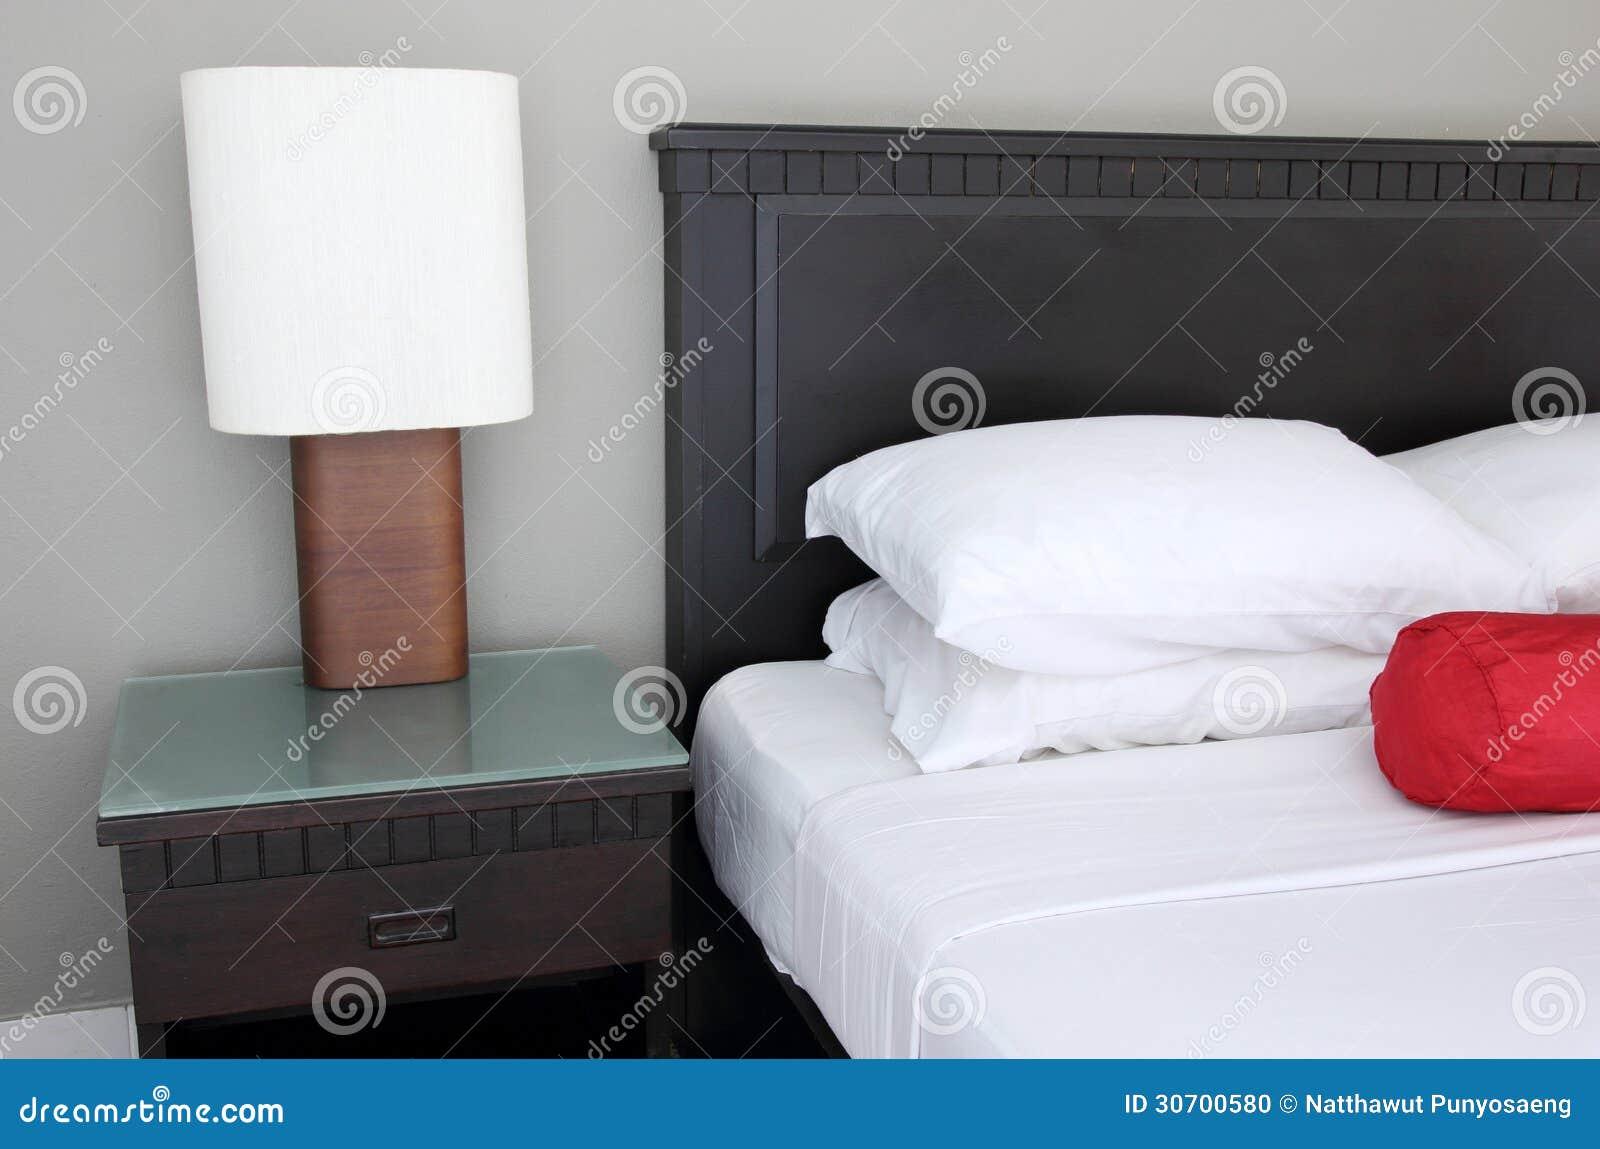 Lampada da tavolo sulla camera da letto fotografia stock immagine di accessorio mobilia 30700580 - Tavolo da letto ...